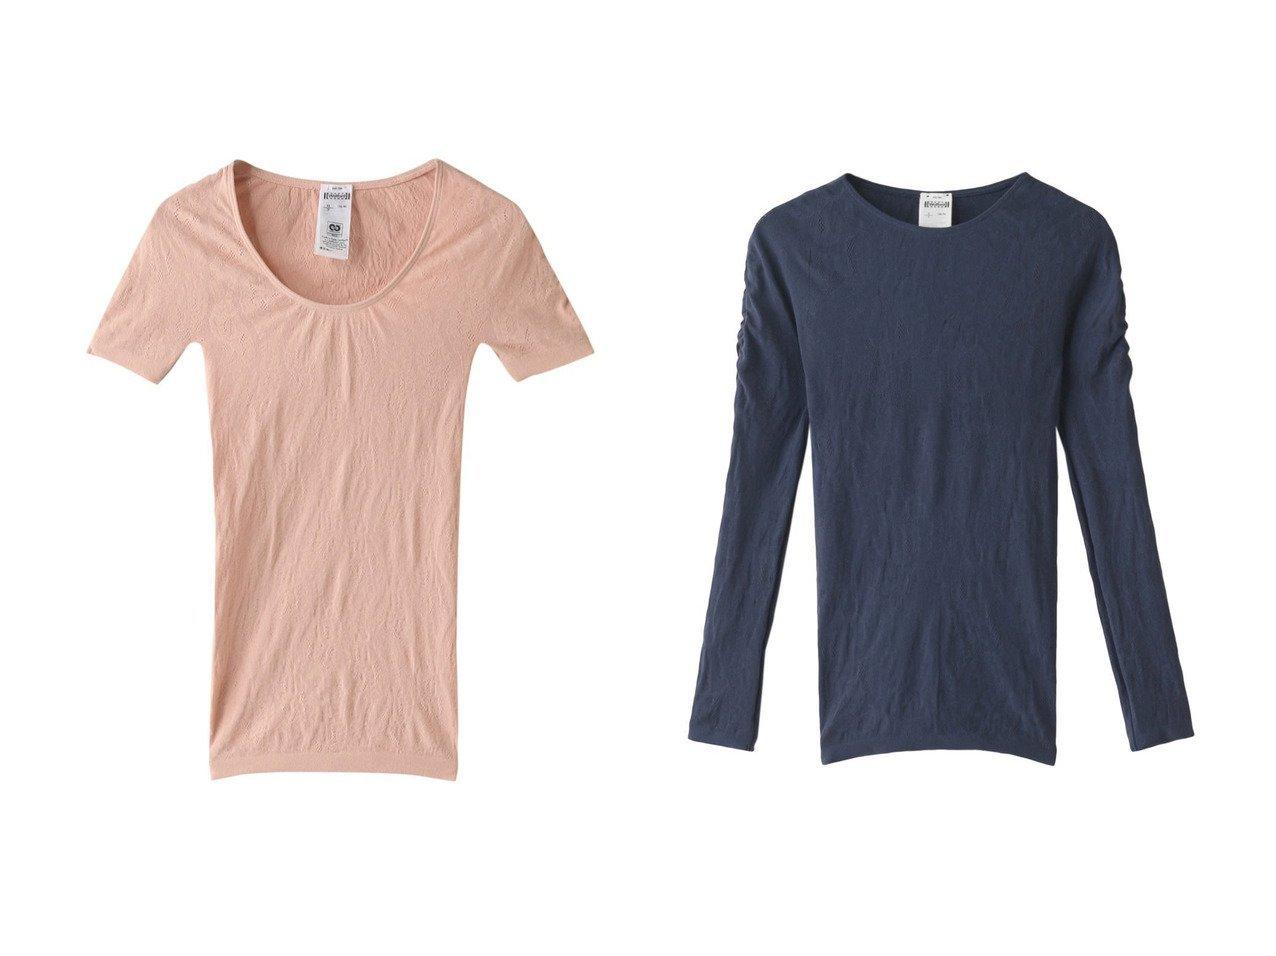 【Wolford/ウォルフォード】の52816 Ninat Shirt&52815 Ninat Pullover 【トップス・カットソー】おすすめ!人気、トレンド・レディースファッションの通販  おすすめで人気の流行・トレンド、ファッションの通販商品 インテリア・家具・メンズファッション・キッズファッション・レディースファッション・服の通販 founy(ファニー) https://founy.com/ ファッション Fashion レディースファッション WOMEN トップス・カットソー Tops/Tshirt ニット Knit Tops シャツ/ブラウス Shirts/Blouses ロング / Tシャツ T-Shirts プルオーバー Pullover インナー シアー ストレッチ フラワー レース 半袖 長袖 |ID:crp329100000062386